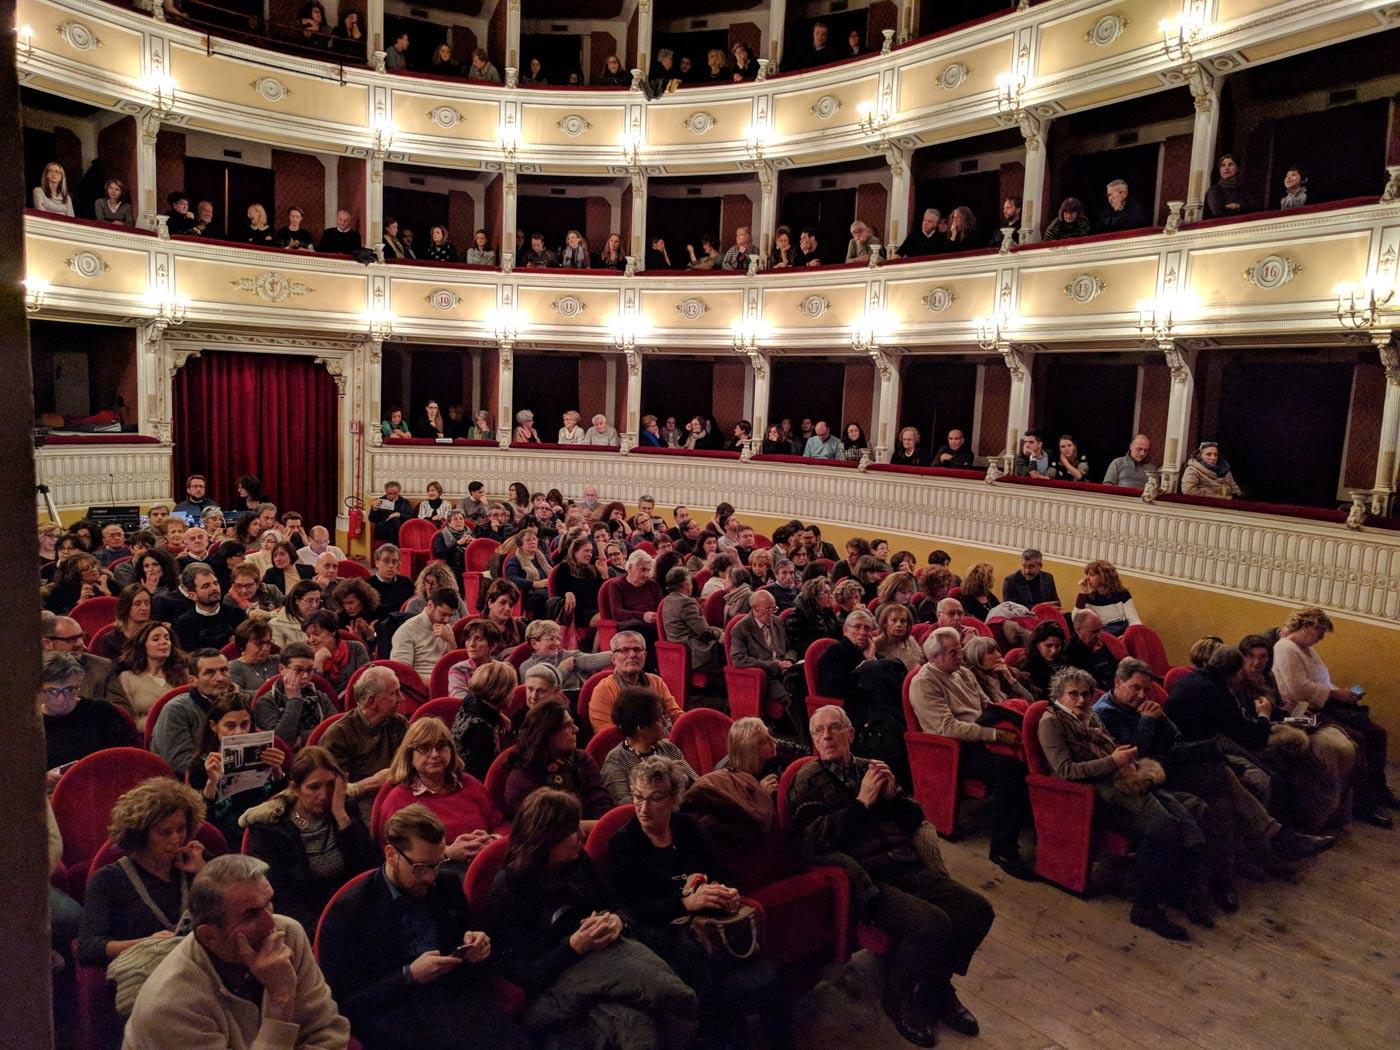 Teatro Poliziano, il palcoscenico più importante di Montepulciano